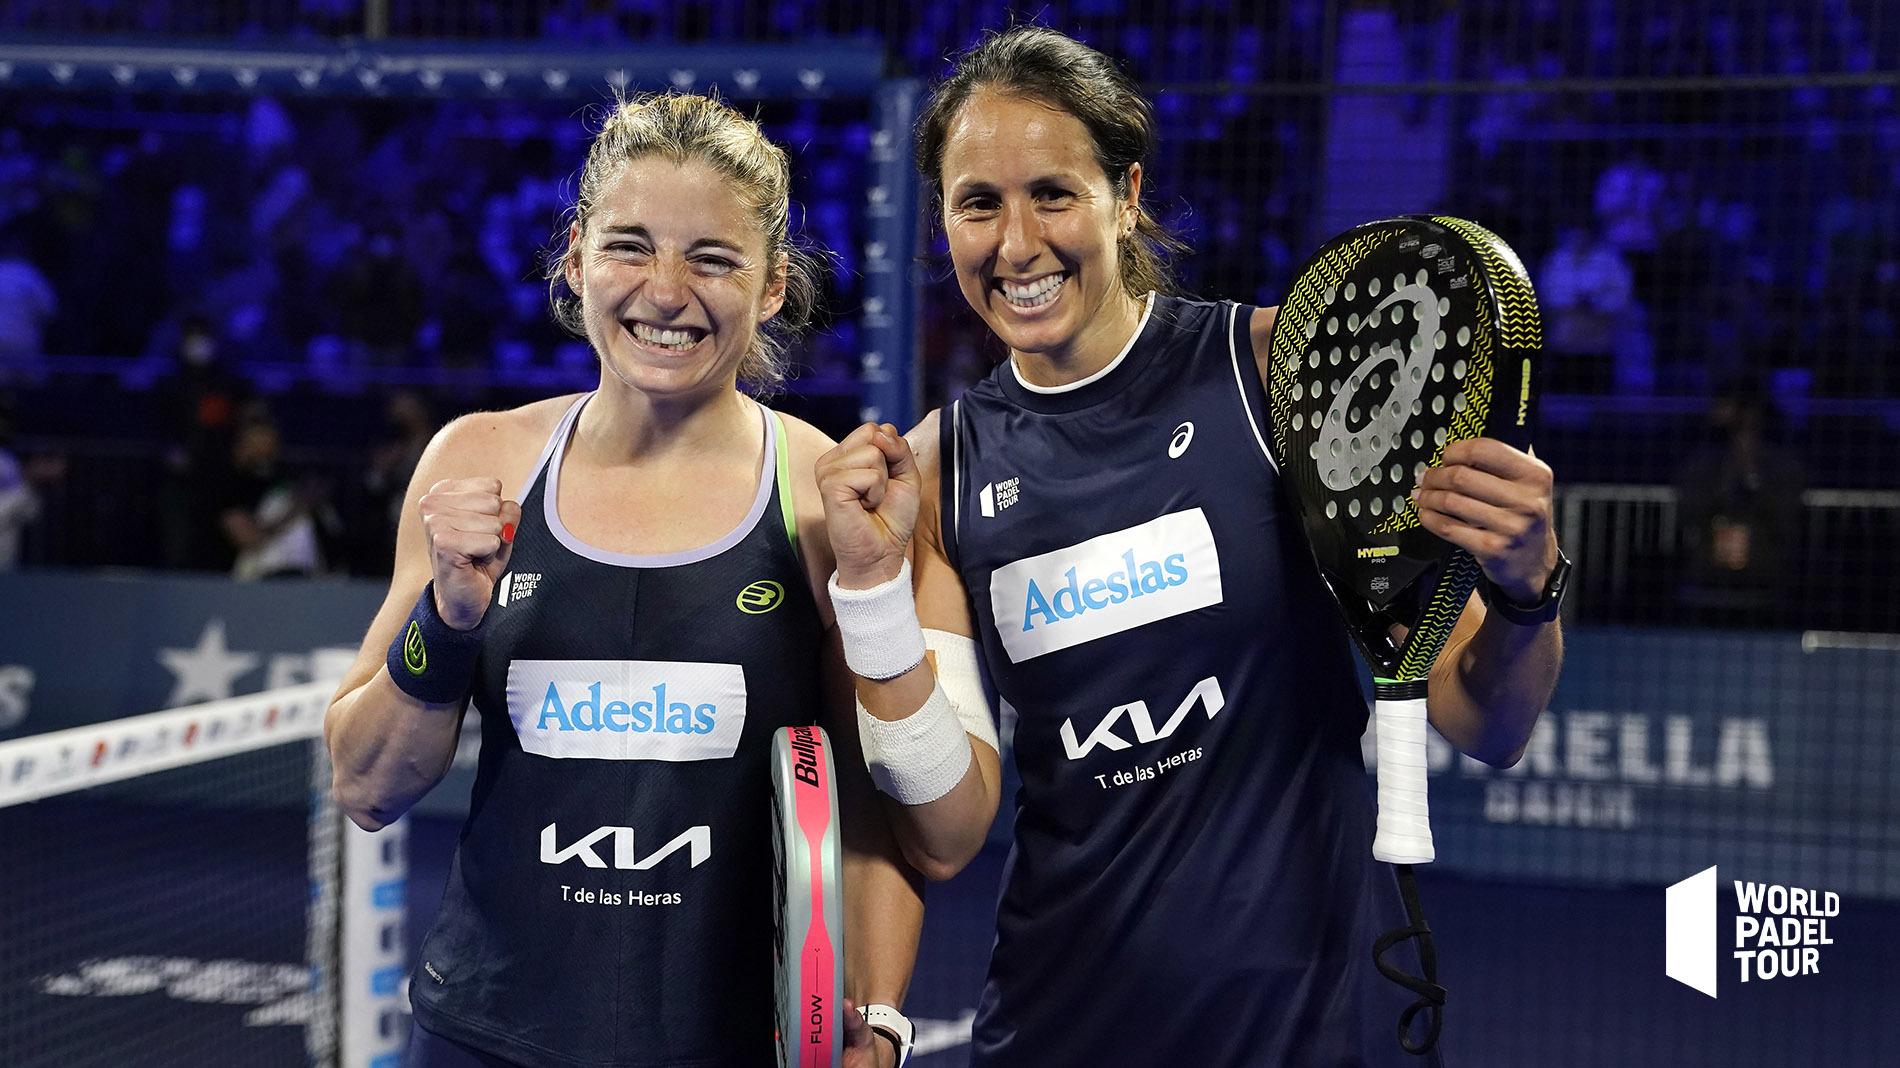 Alejandra Salazar y Gemma Triay celebran su victoria.